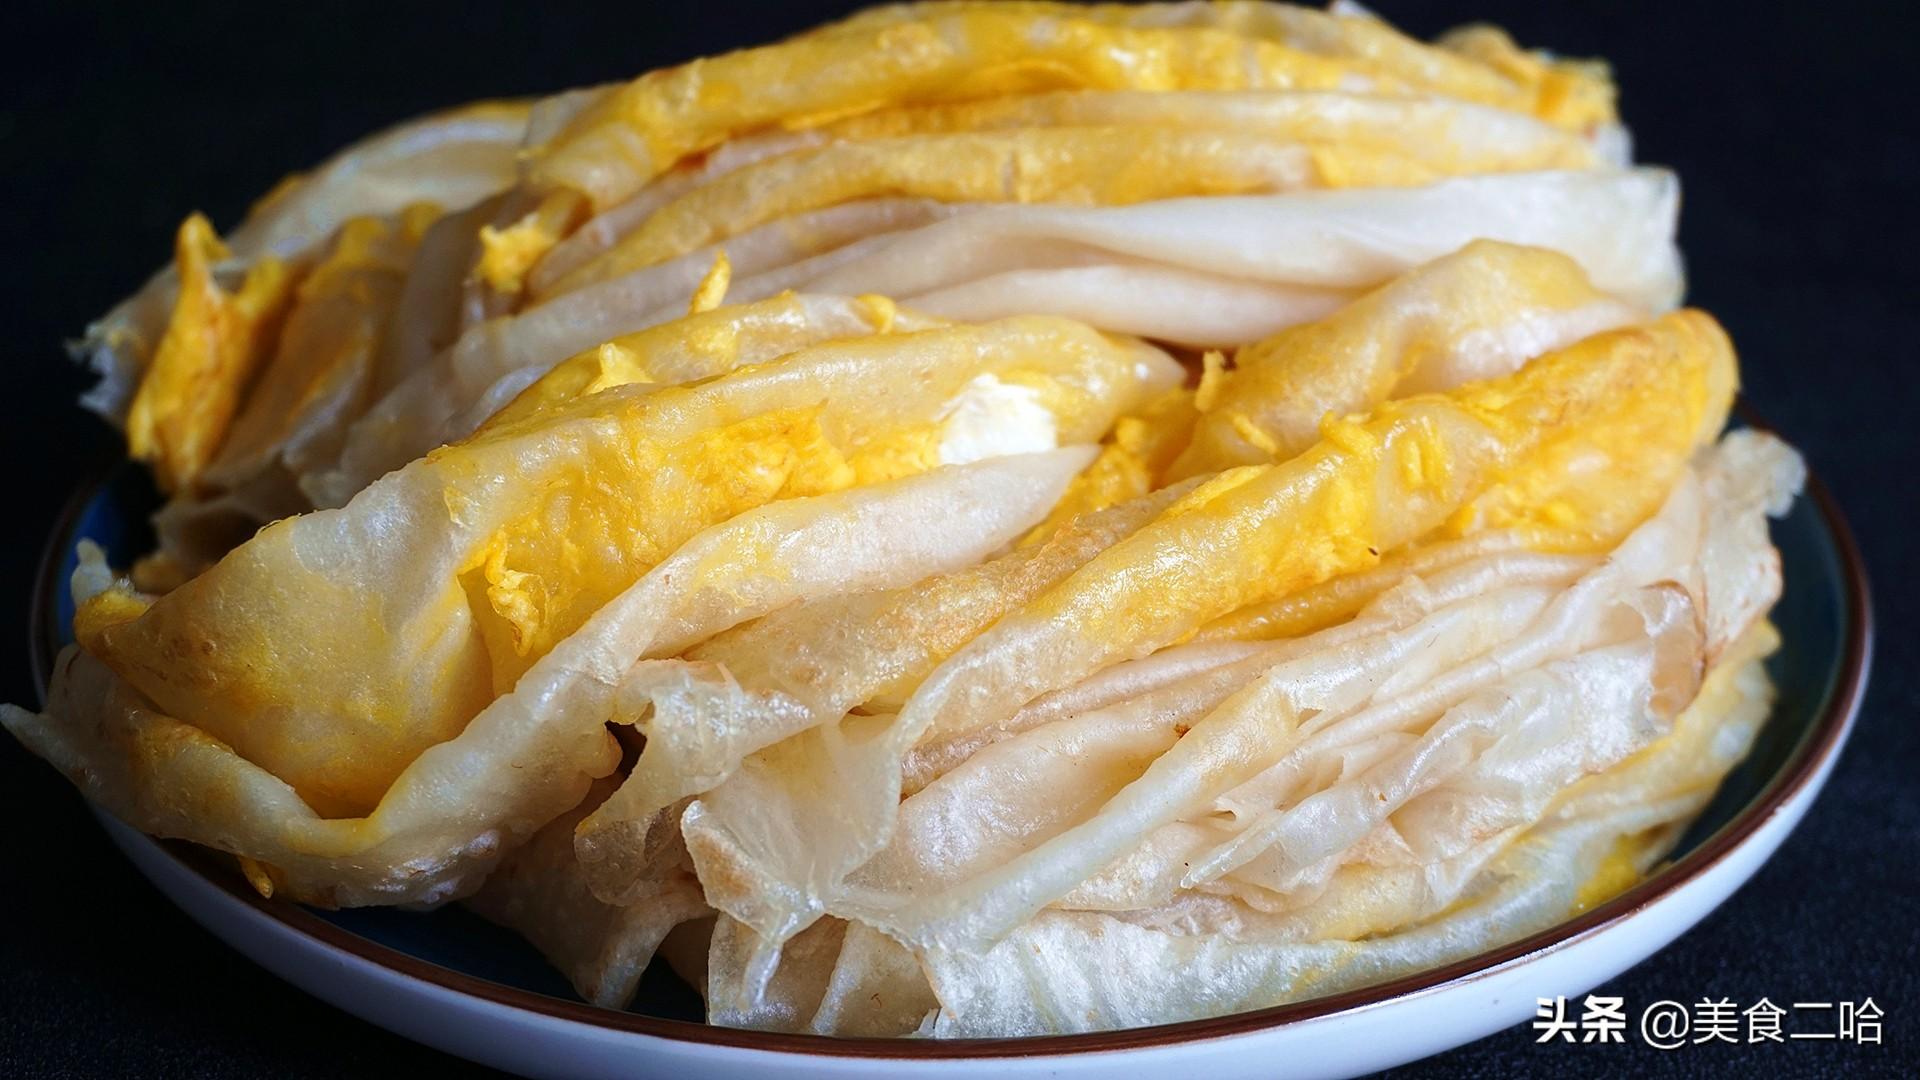 绸带鸡蛋饼:下锅10秒就能熟,滑软的就像绸缎一样,适合做早餐